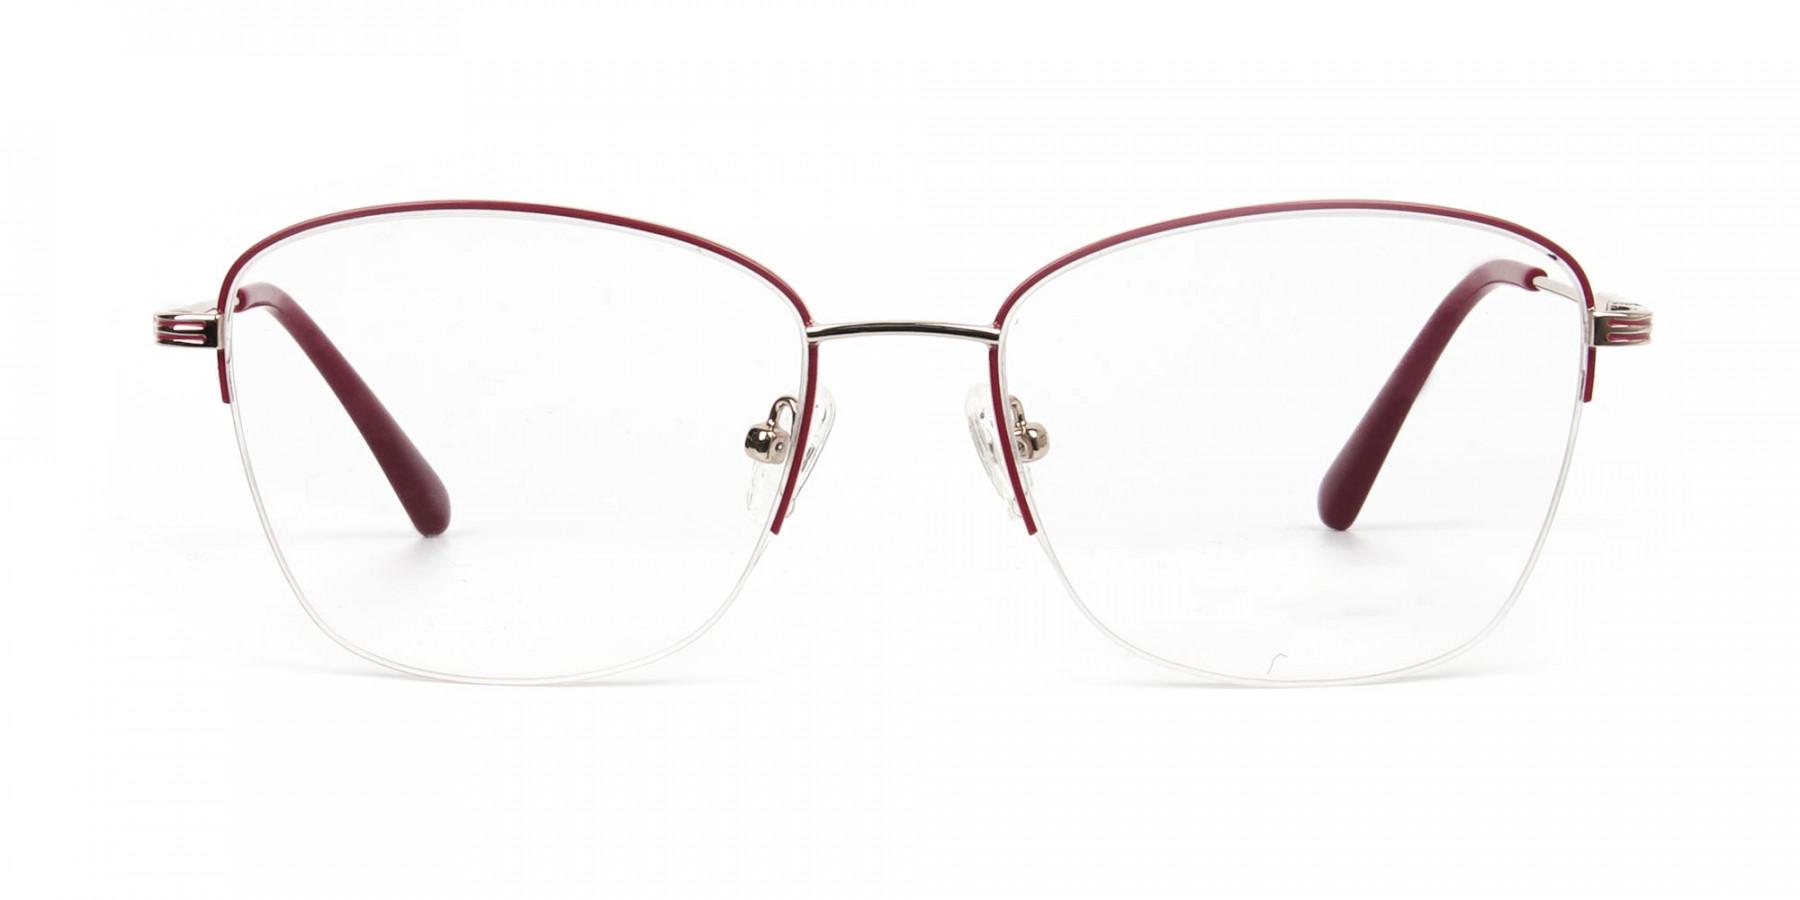 Red & Gold Half Frame Cat Eye Glasses For Women - 1